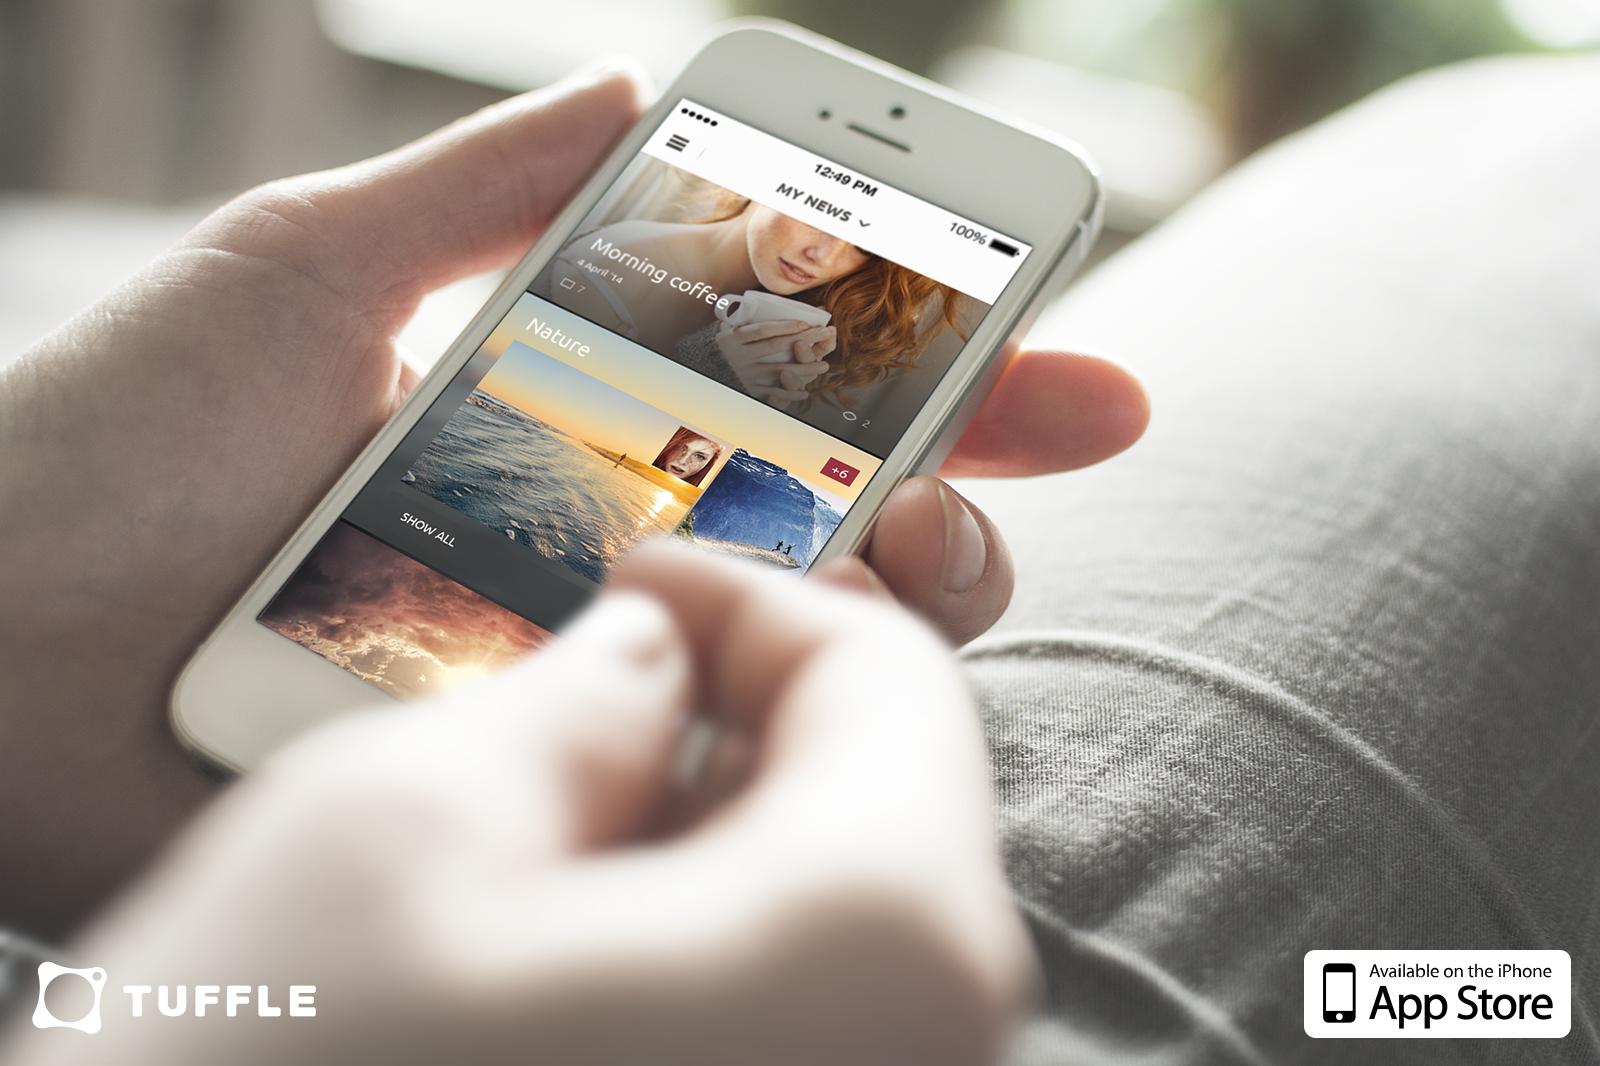 Приложение Tuffle — социальная сеть воспоминаний